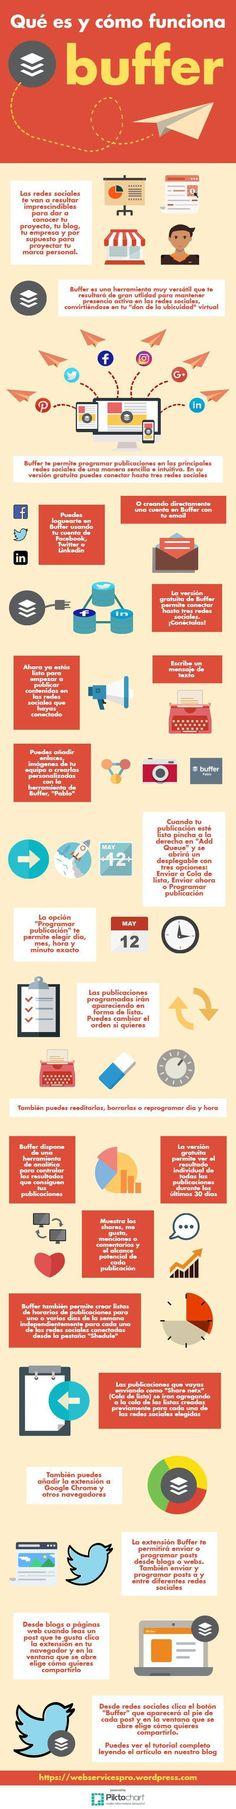 Buffer: qué es y cómo funciona. Herramientas para tu estrategia de redes sociales.